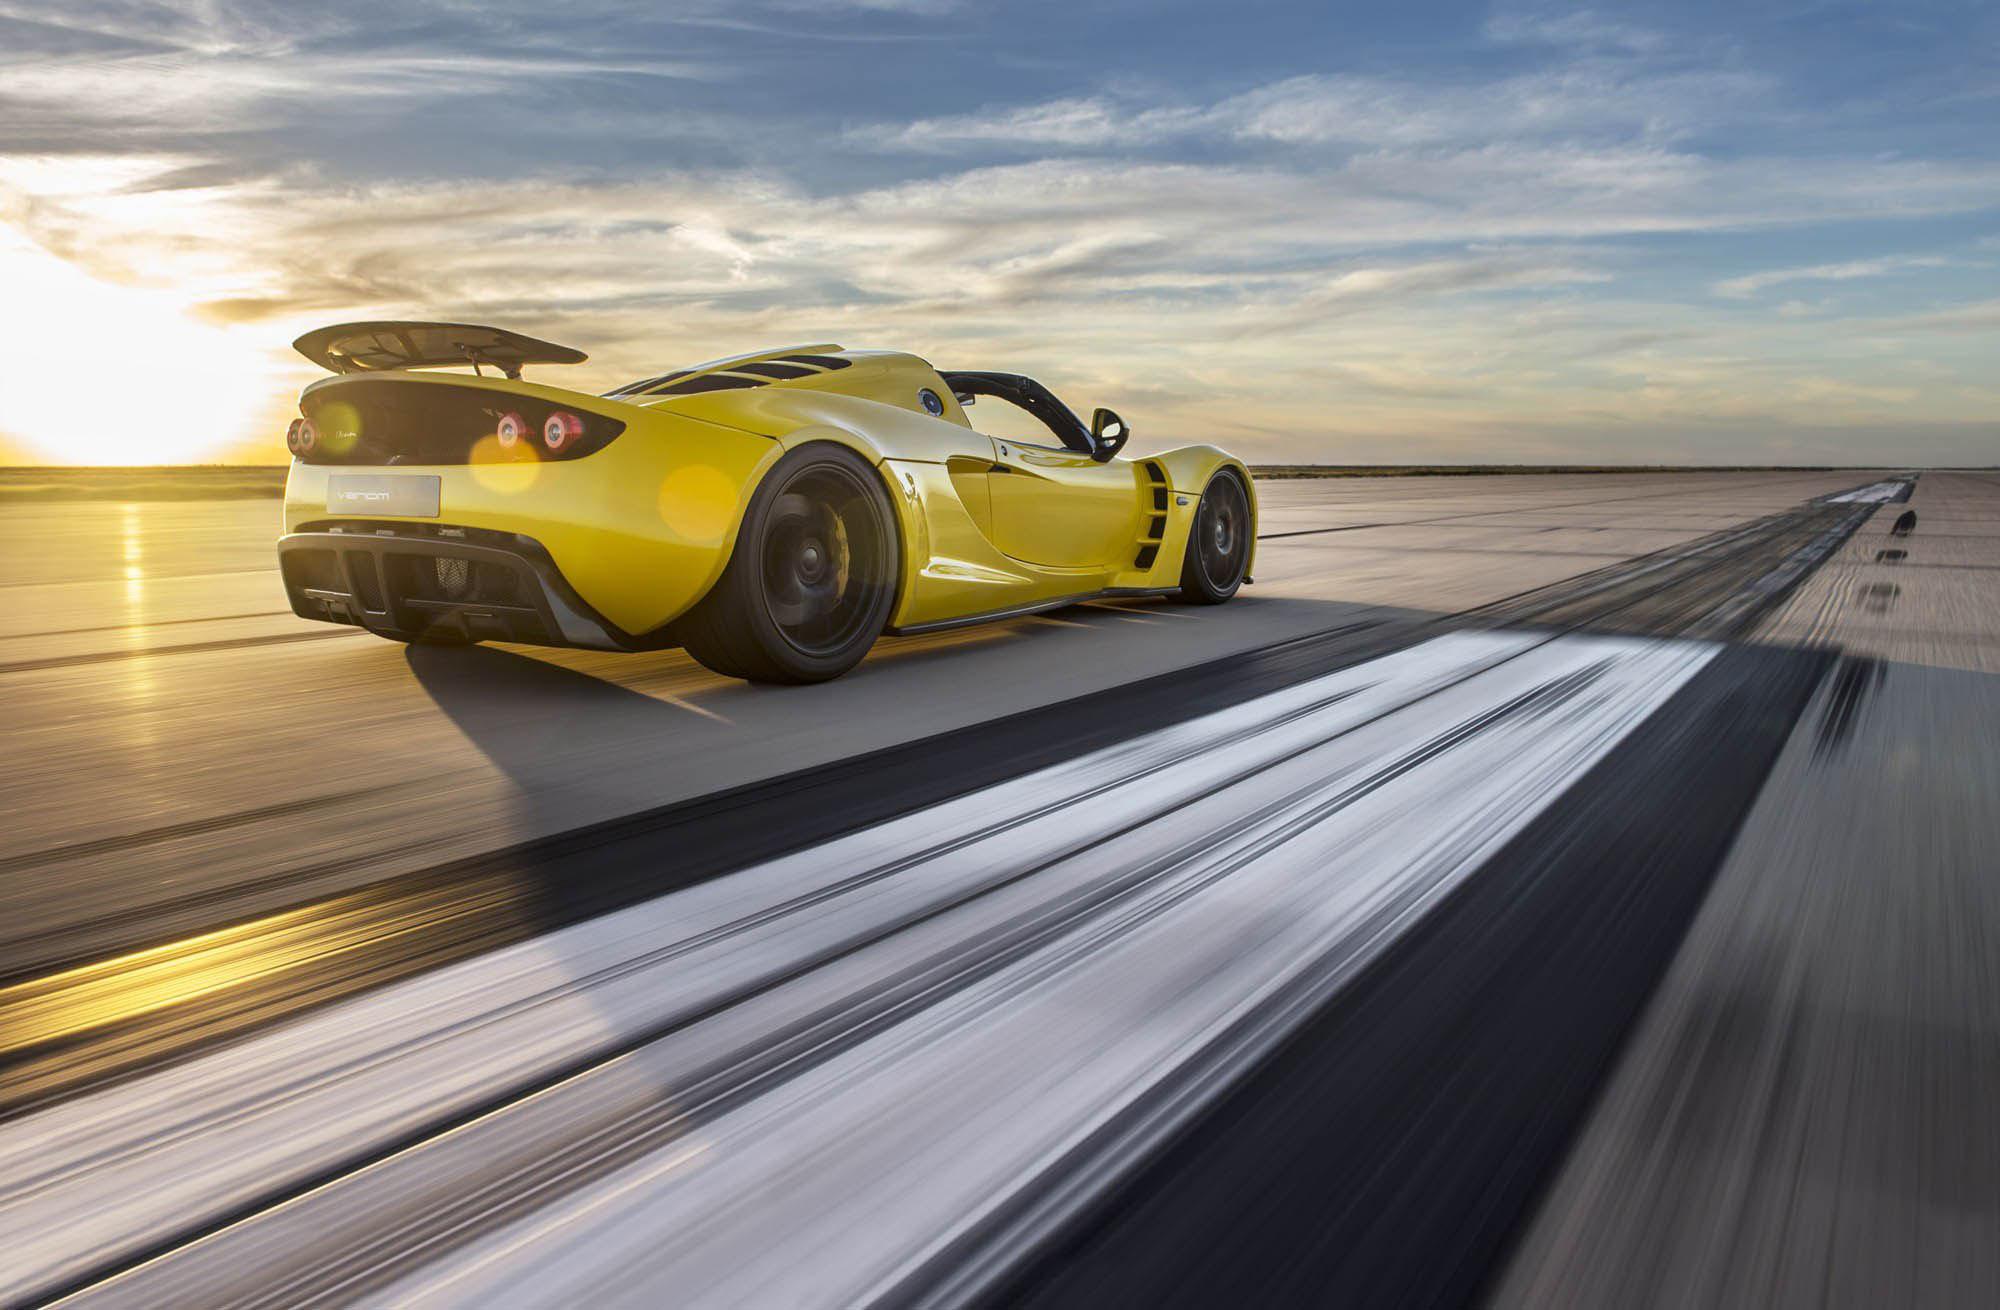 venomgt-convertible-world-record-04-1